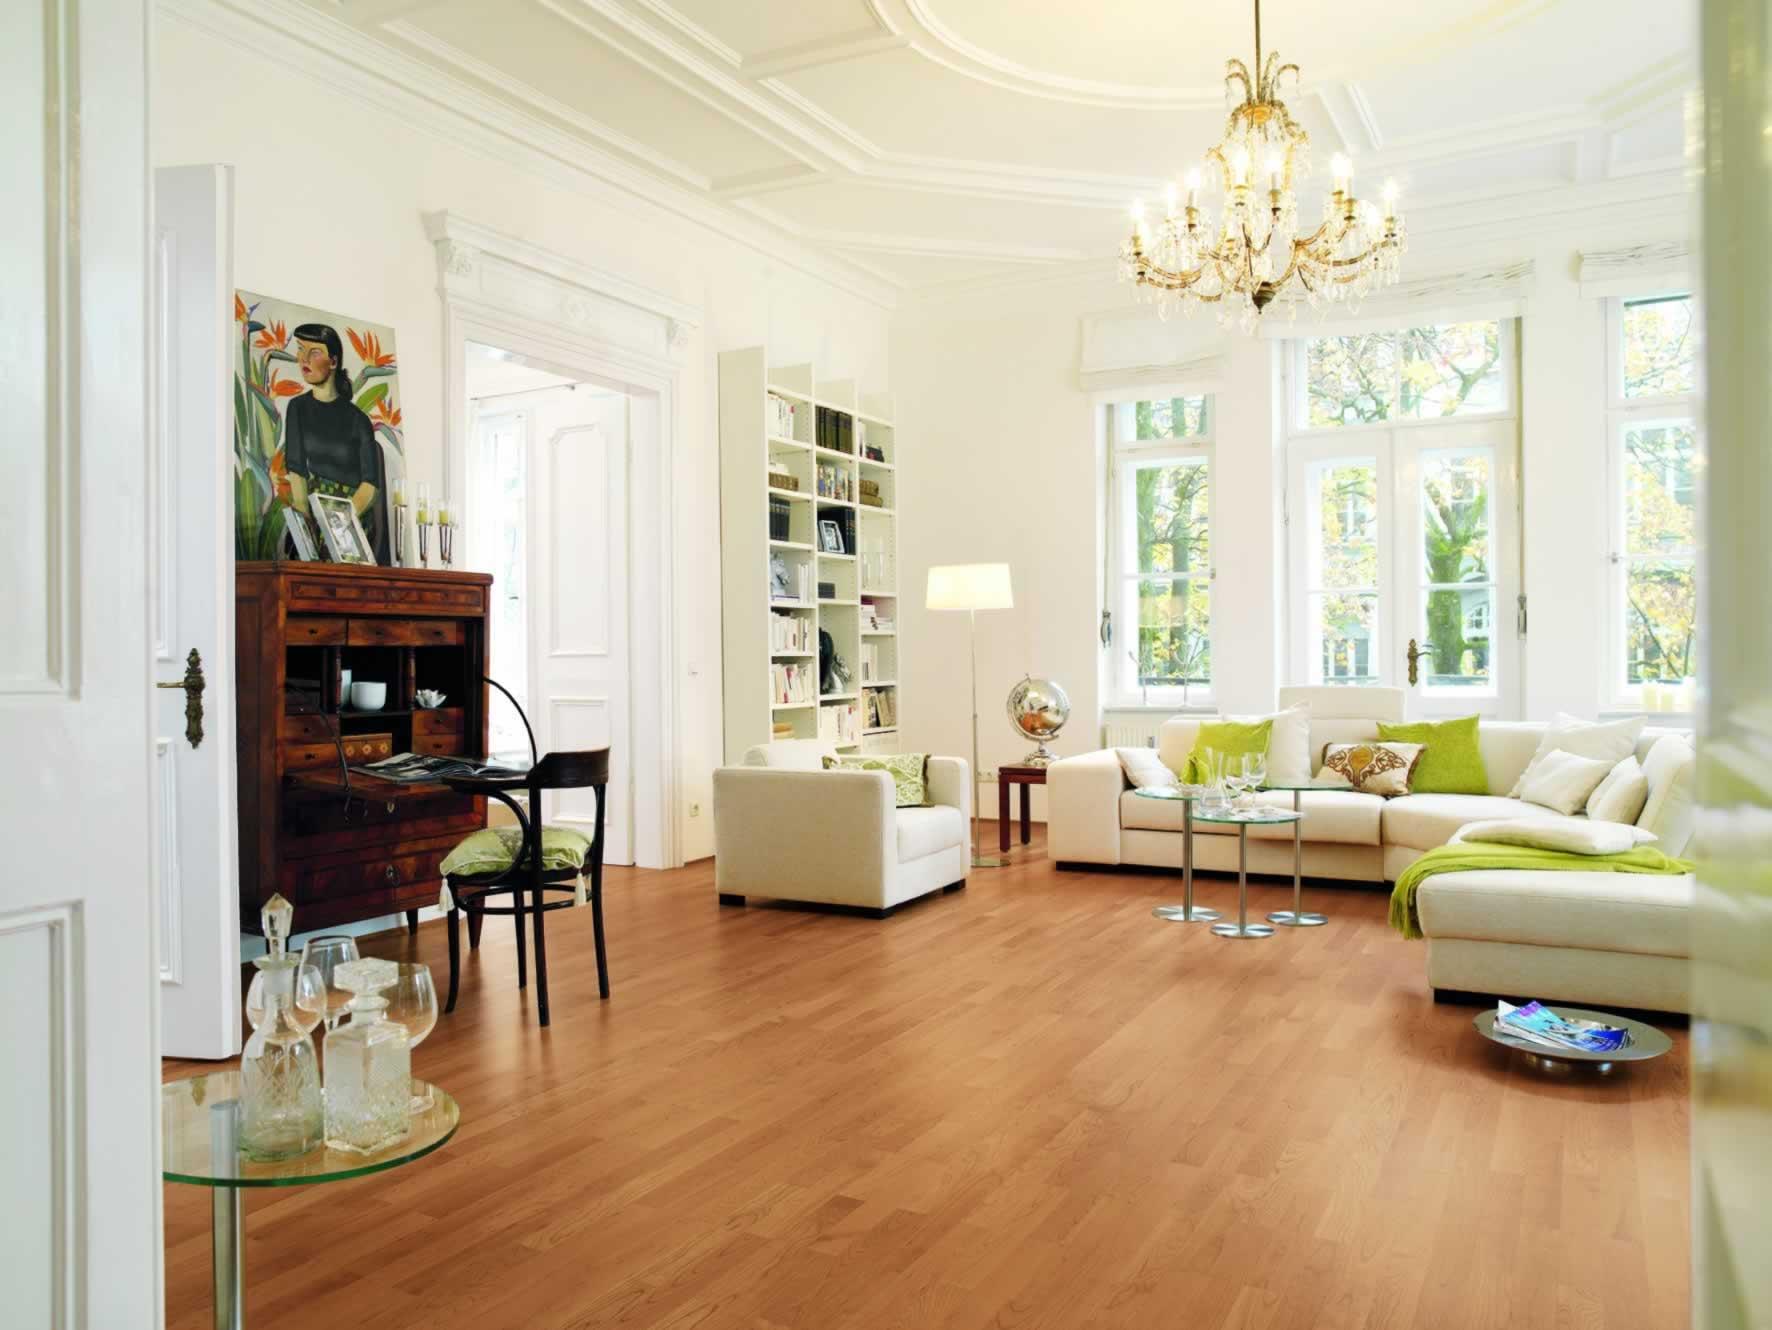 Achat appartement Bordeaux : Devenir propriétaire d'un appartement à Bordeaux centre ? Un investissement